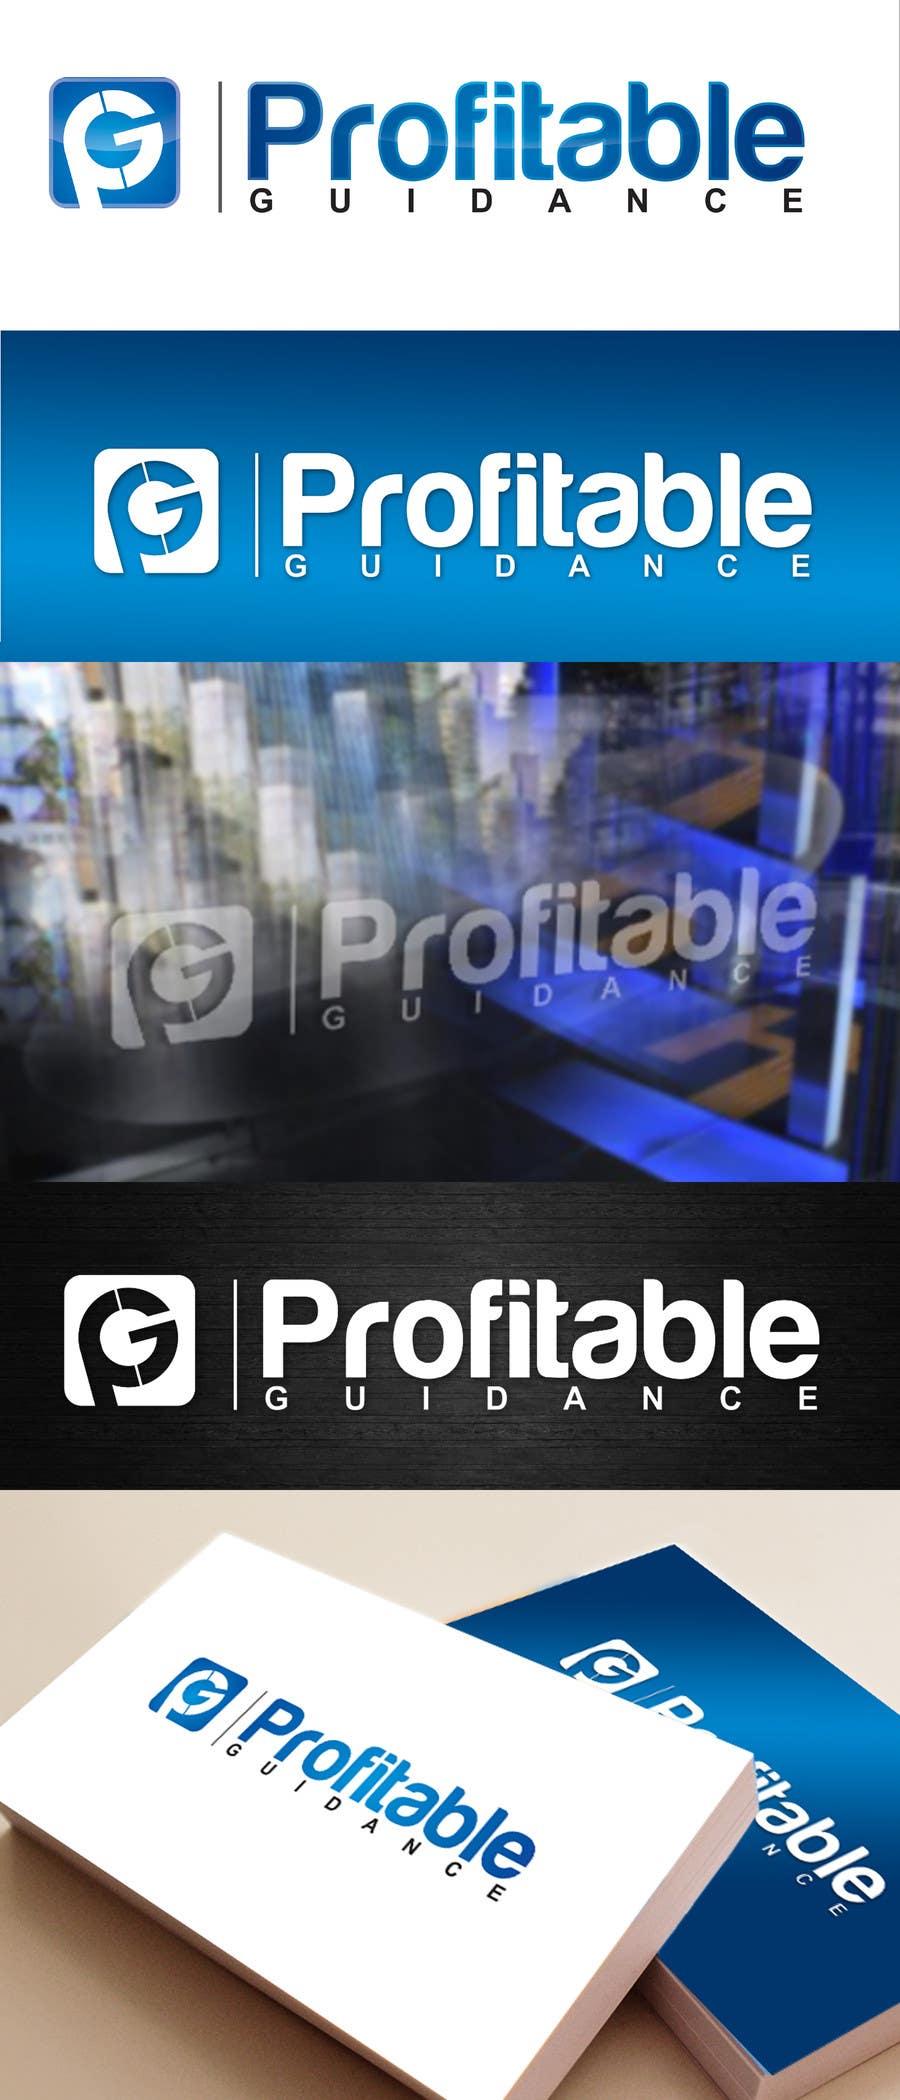 #158 for Design a Creative Logo for www.profitableguidance.com by ajdezignz